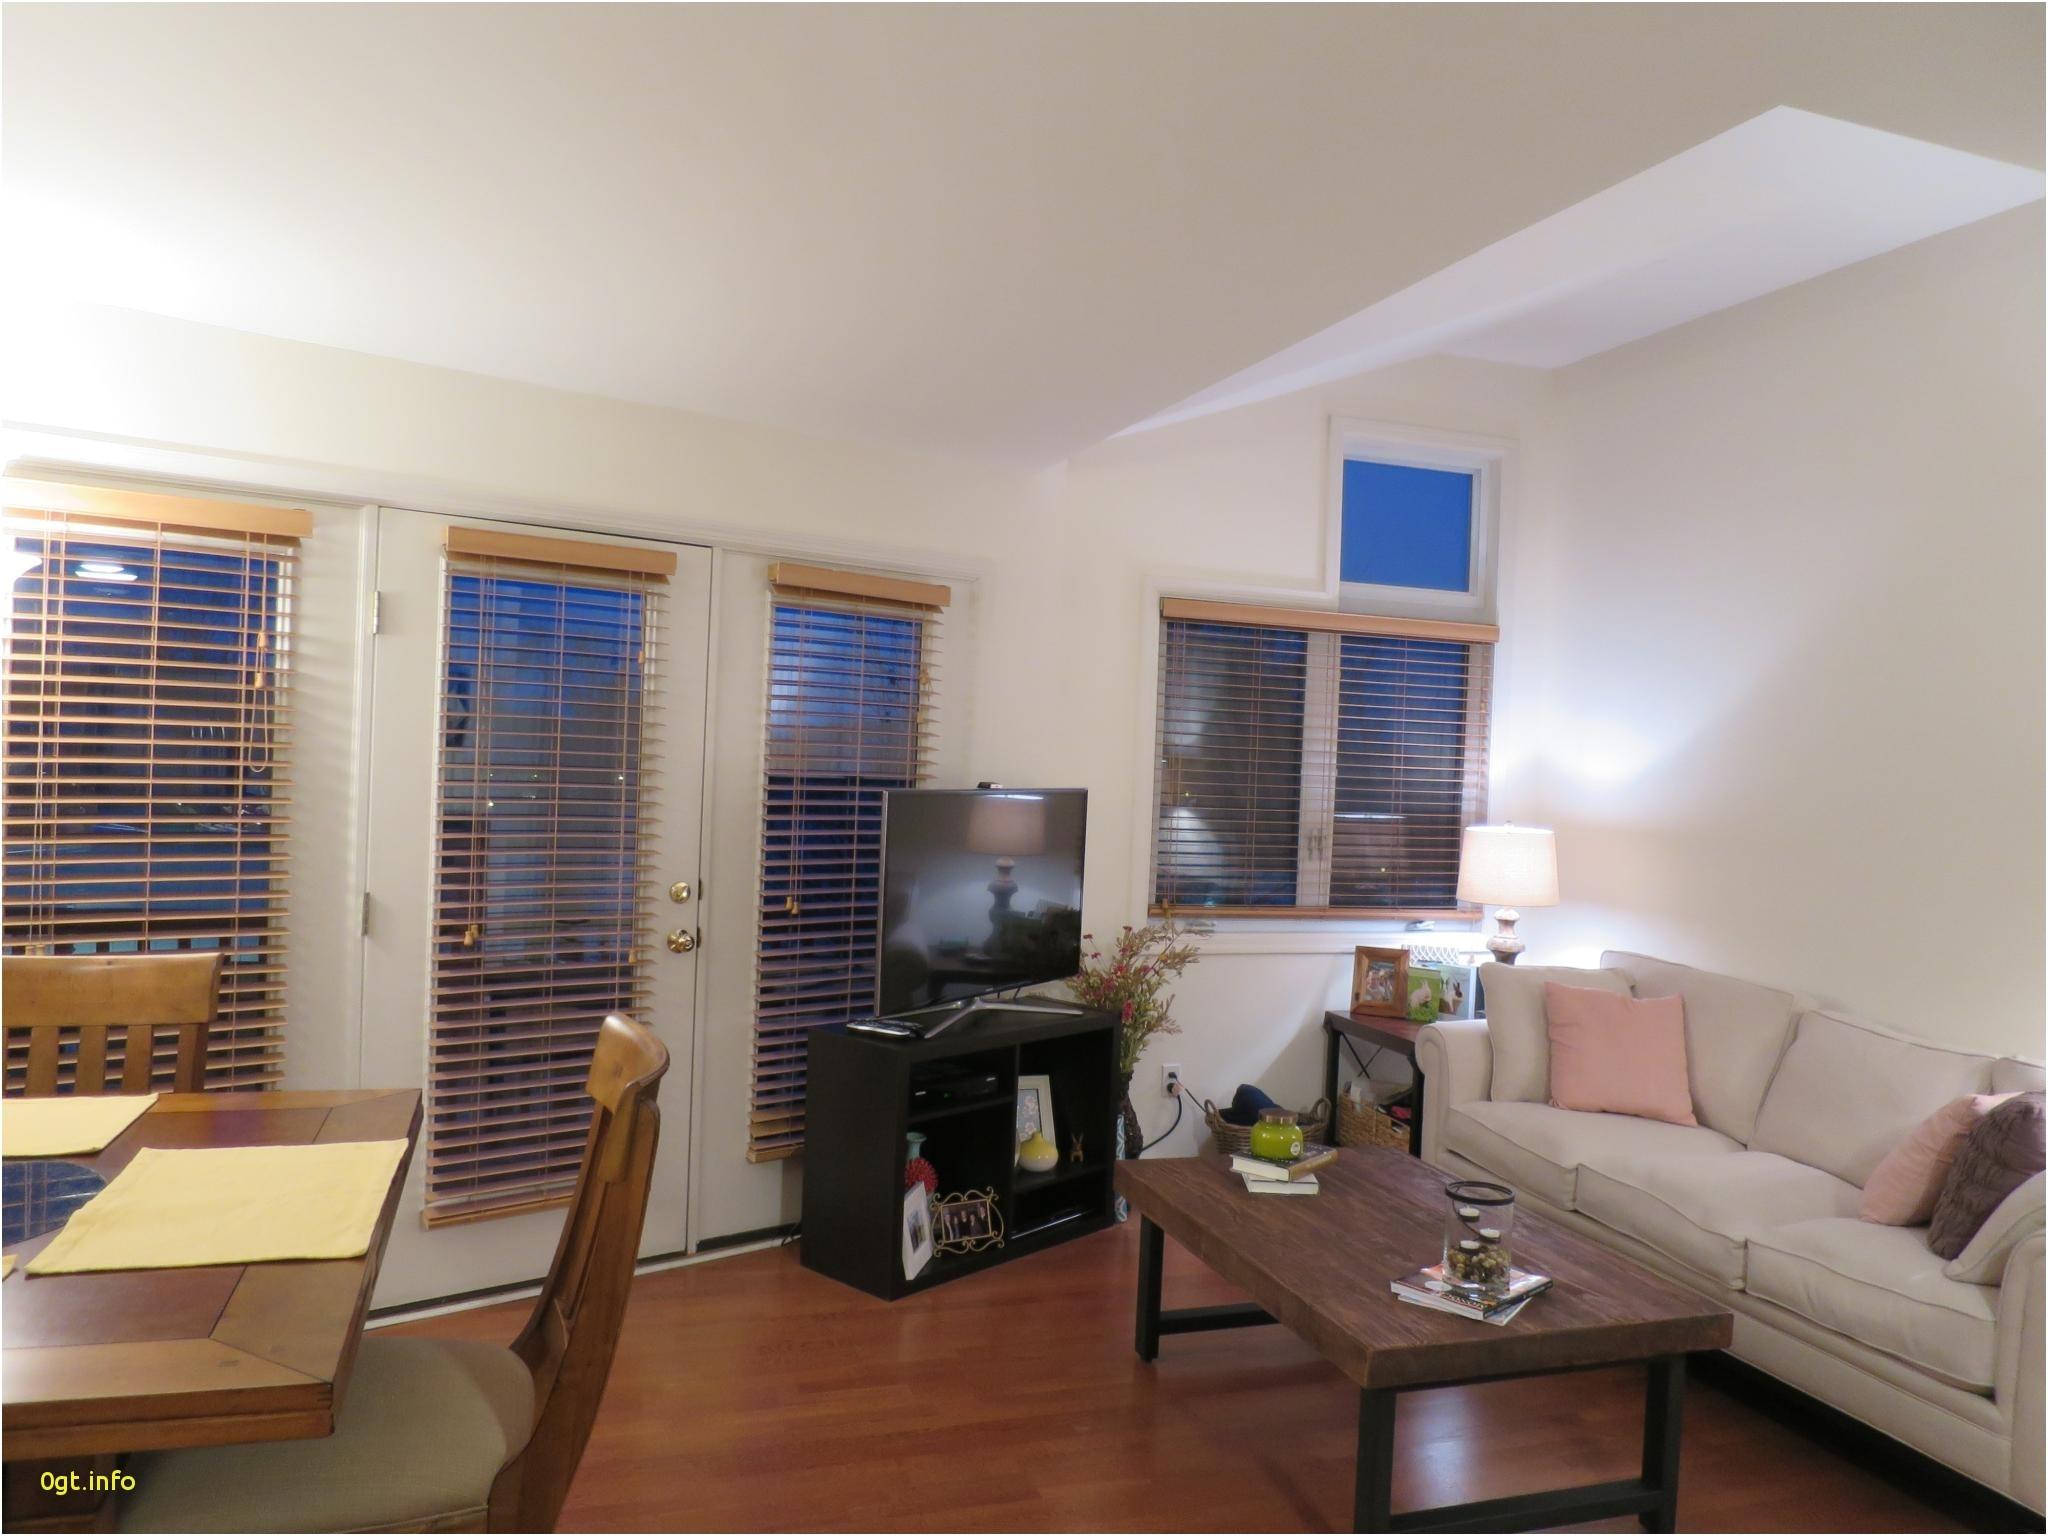 2 bedroom apartments for rent in bridgeport ct elegant 3250 fairfield ave 328 for rent bridgeport